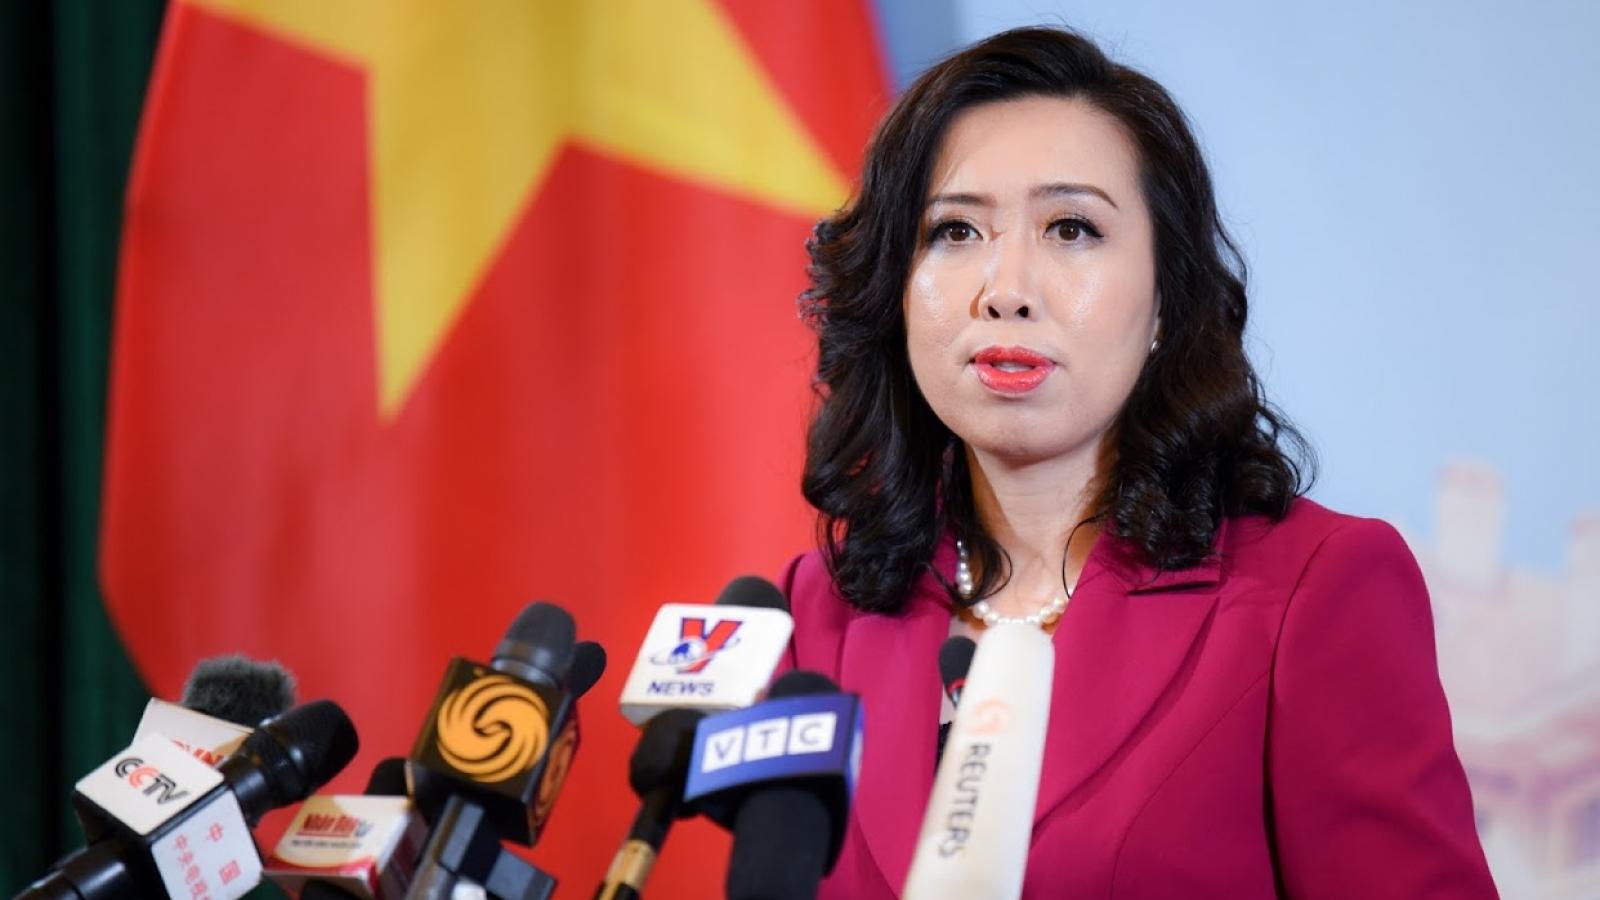 Việt Nam khẳng định lập trường nhất quán về Phán quyết ở Biển Đông